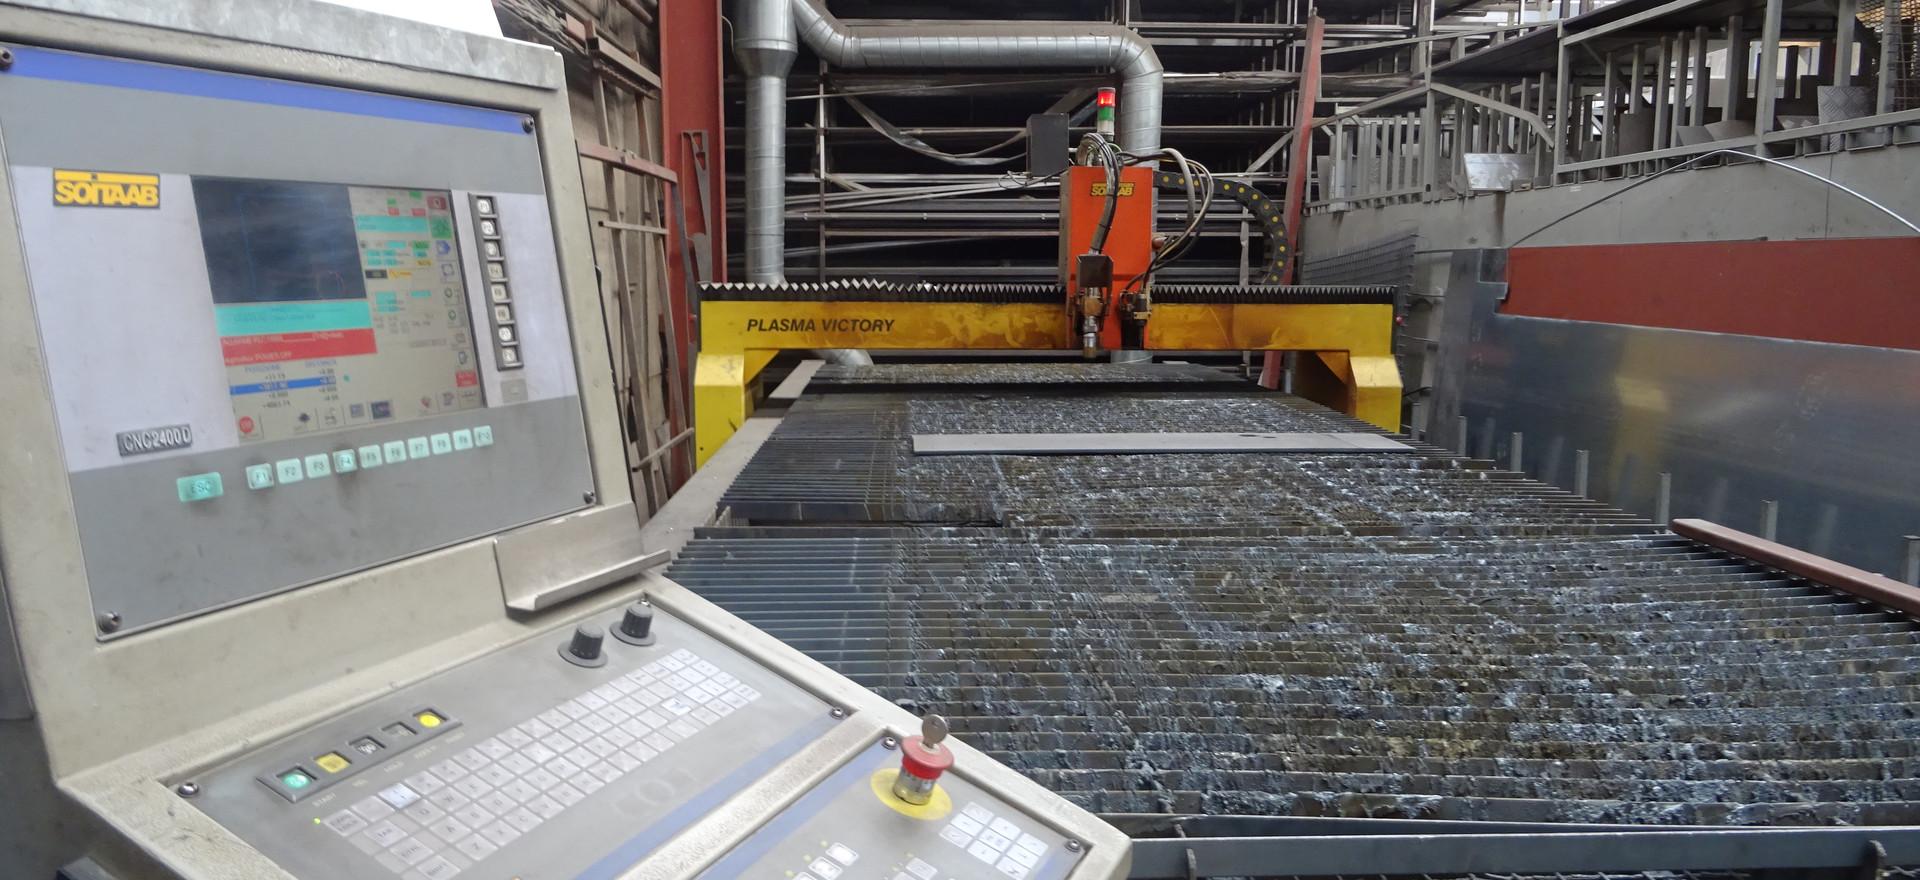 Gestuurde plasmatafel 6000 x 2000 x 20 mm